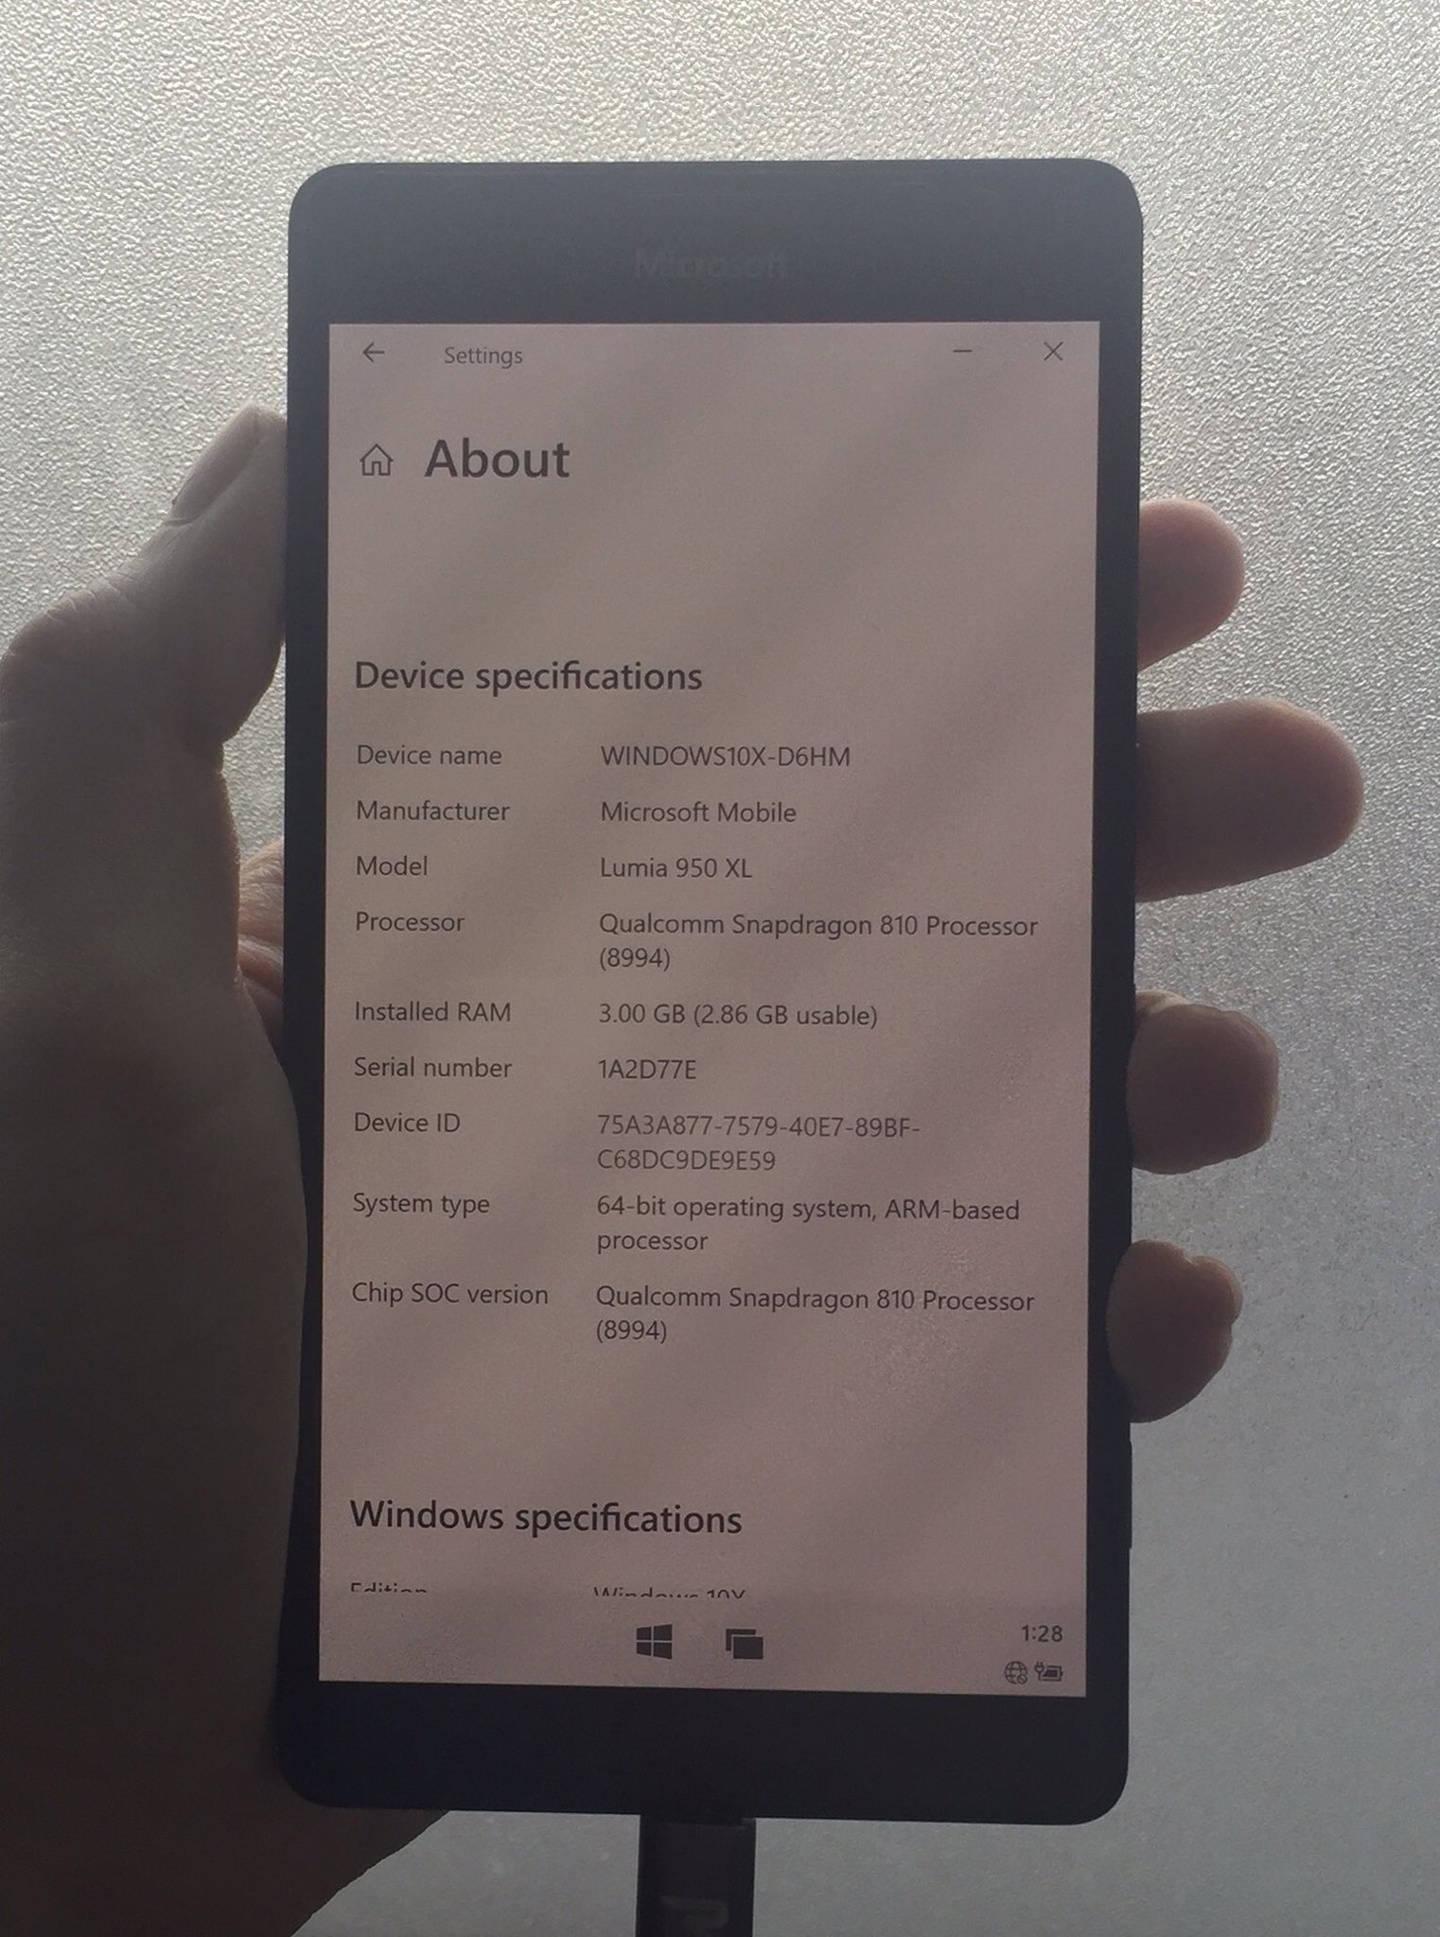 开发者更新 Lumia 950/XL 的 Win10 ARM 镜像 称之为最稳定版本